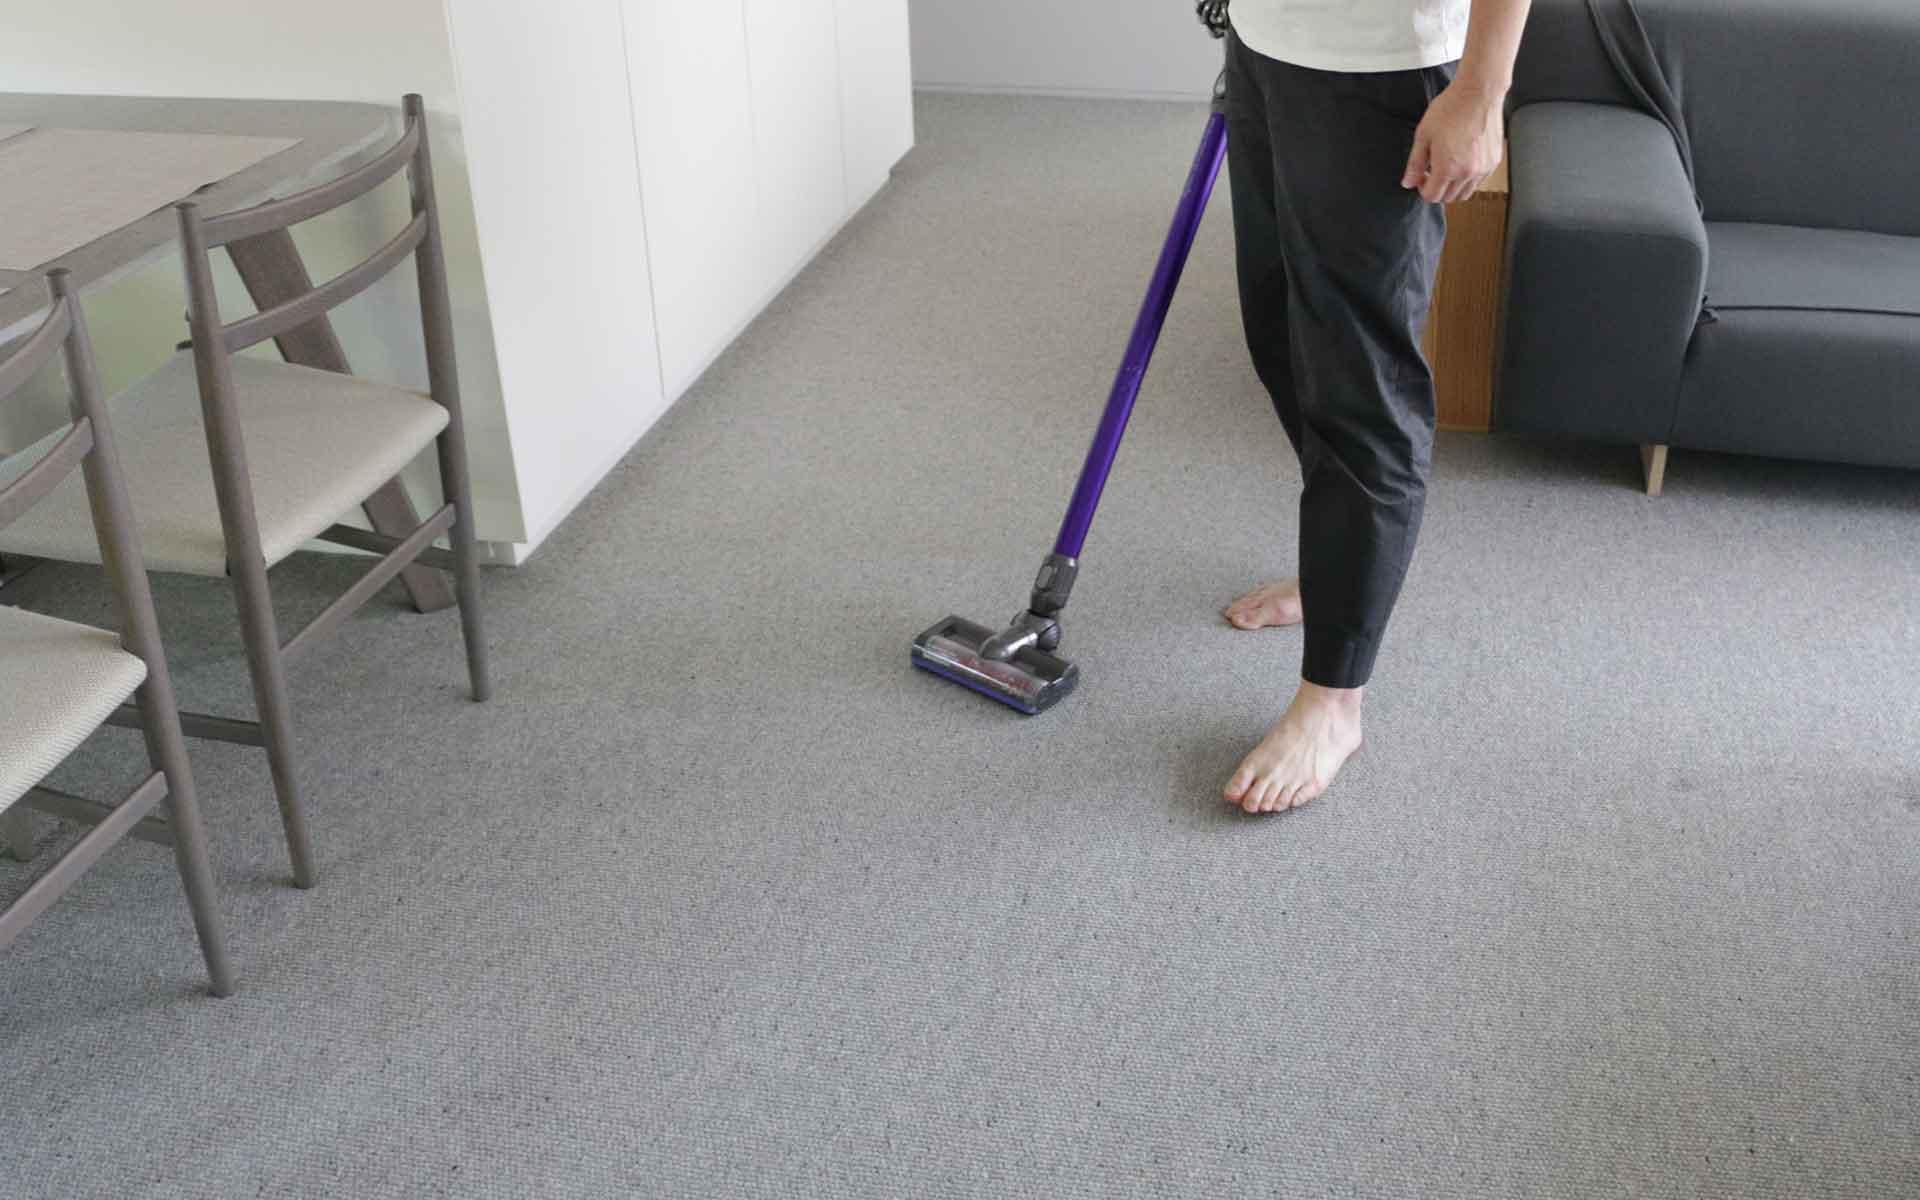 お掃除の様子を見せてくださいました